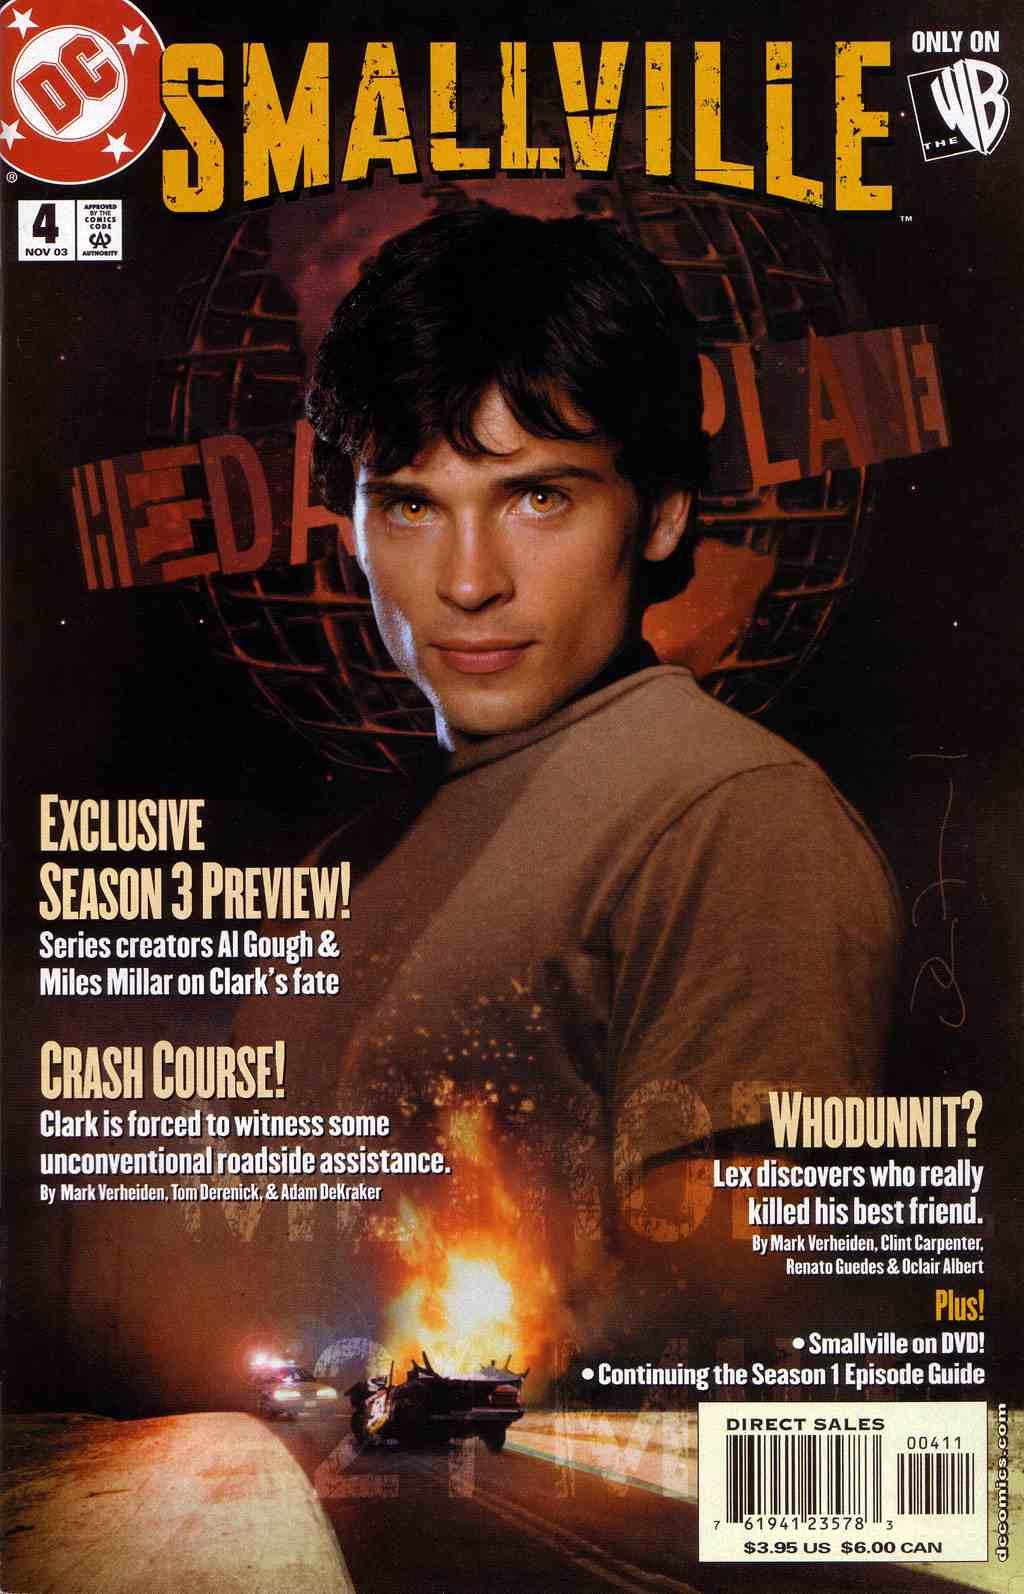 Smallville Vol 1 4